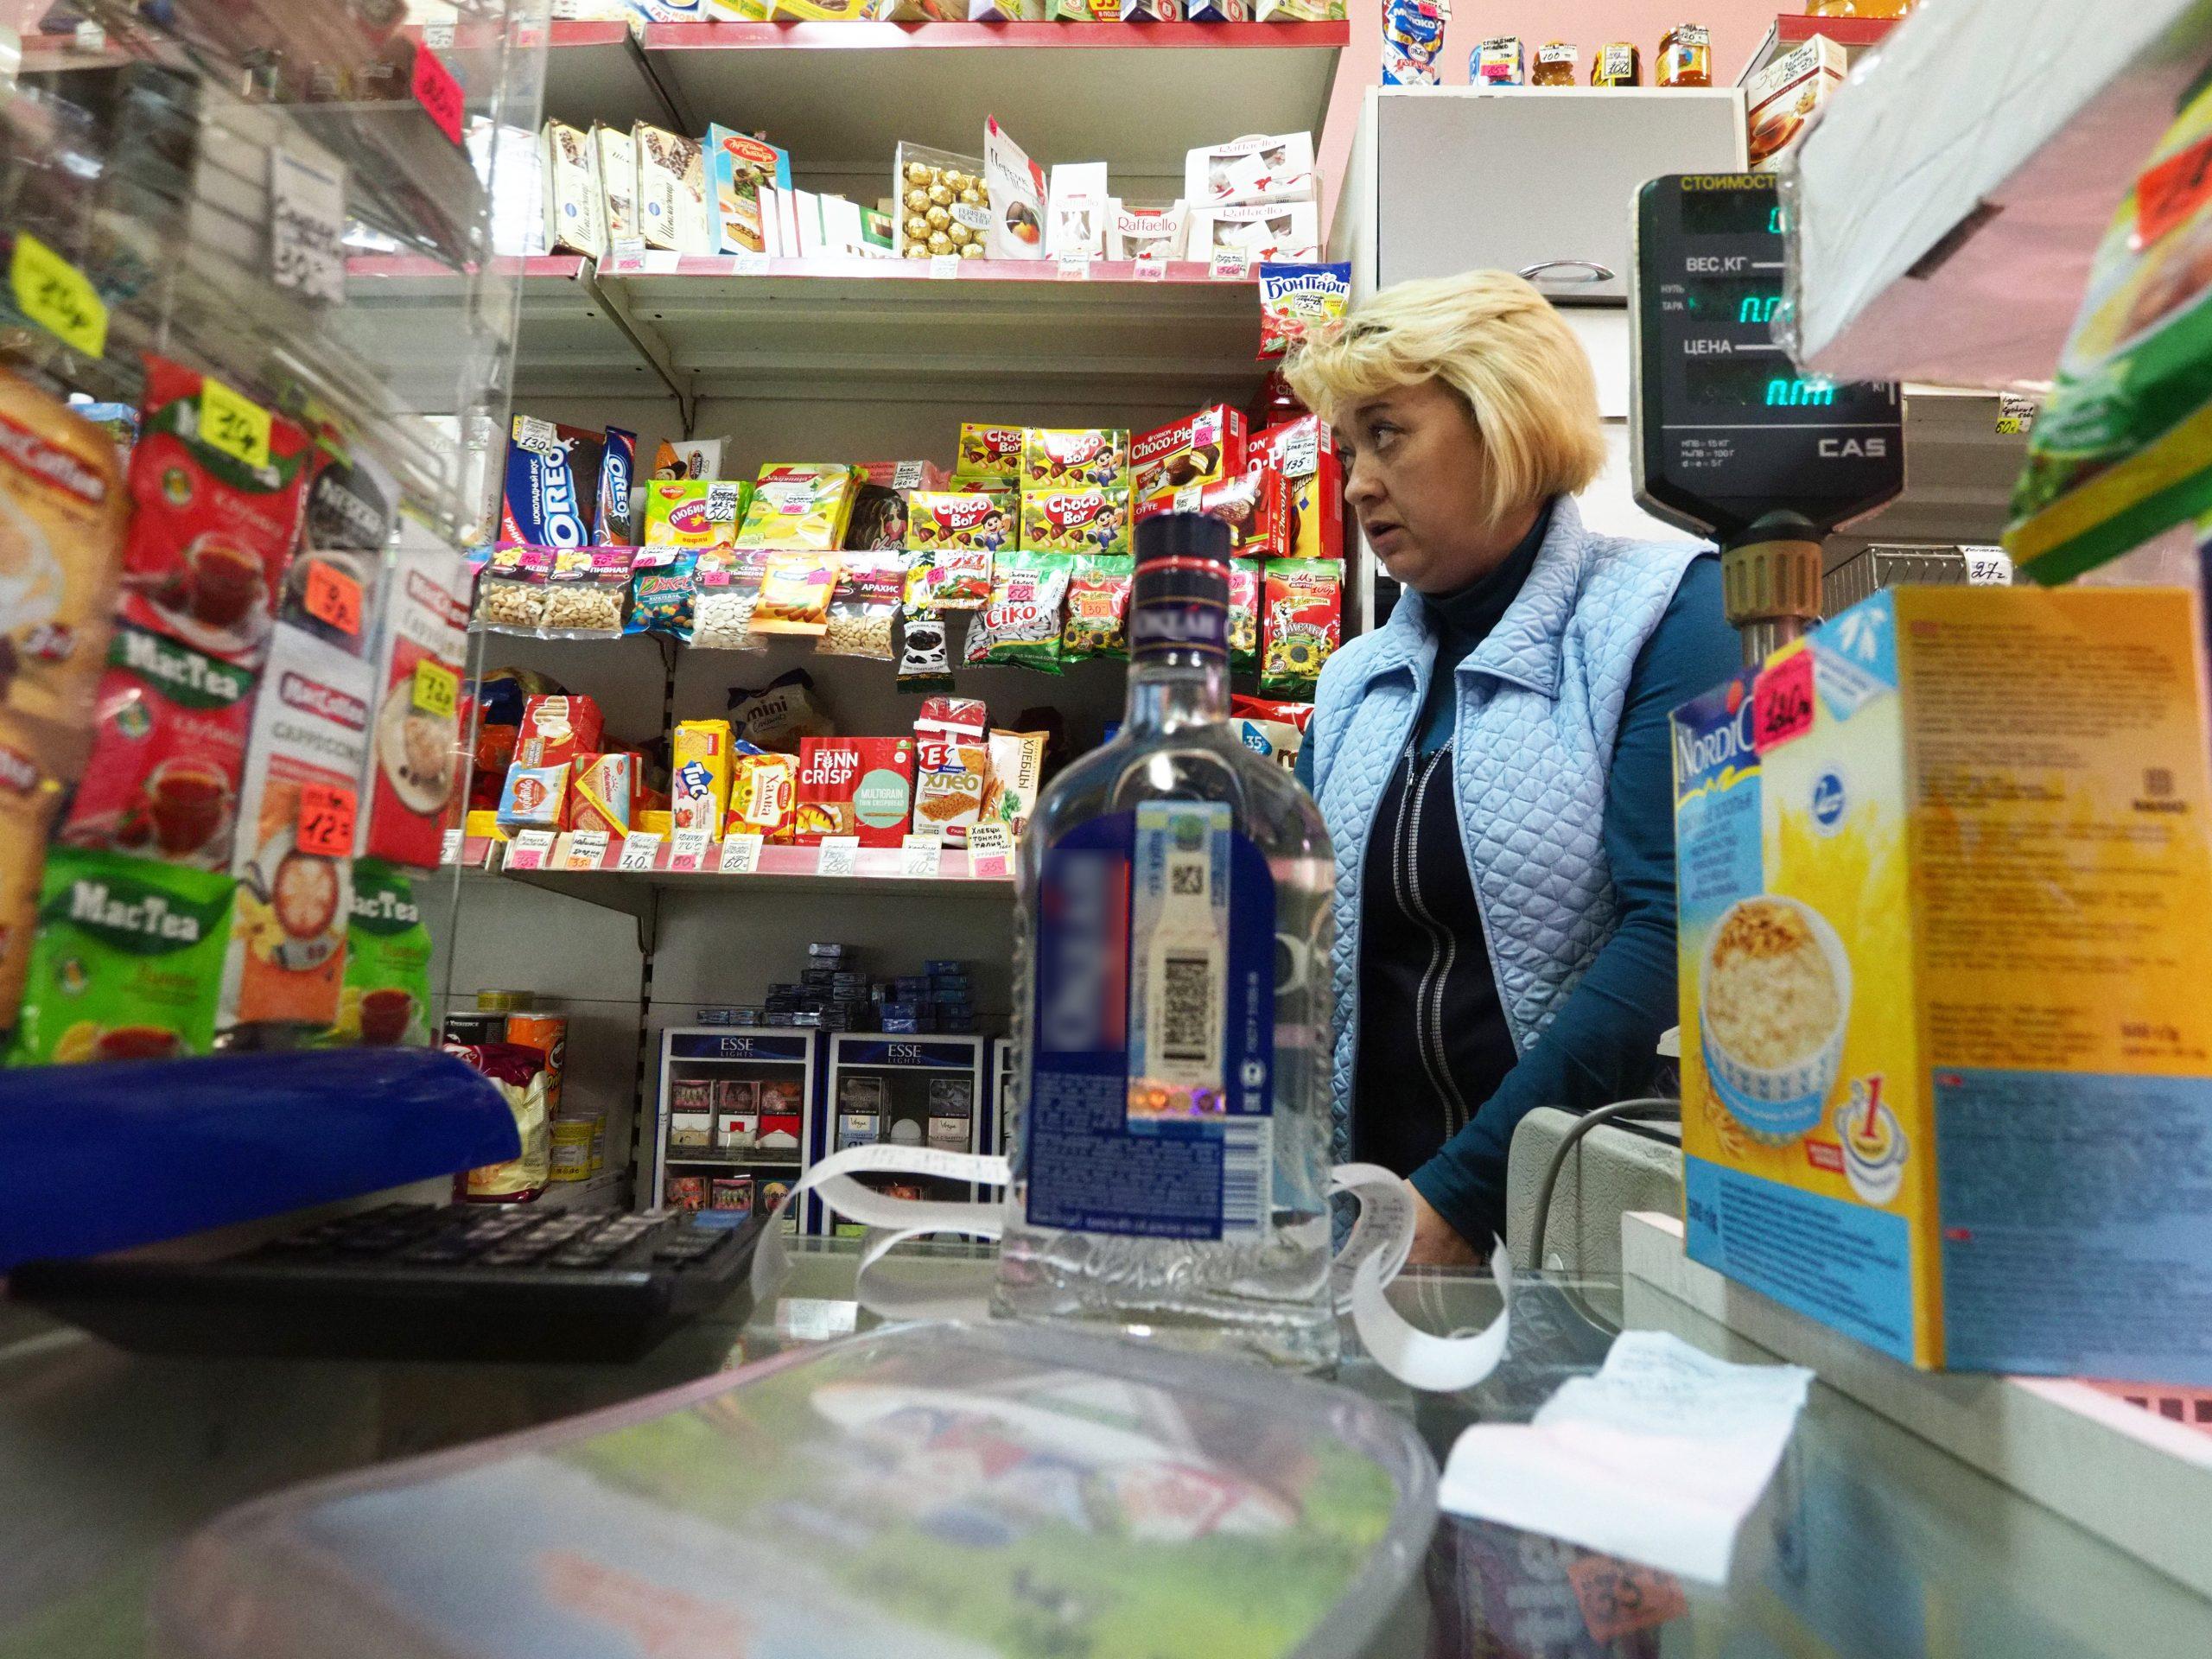 Около пяти тысяч единиц крепкого алкоголя изъято из незаконного оборота в продуктовом магазине в Юго-восточном административном округе